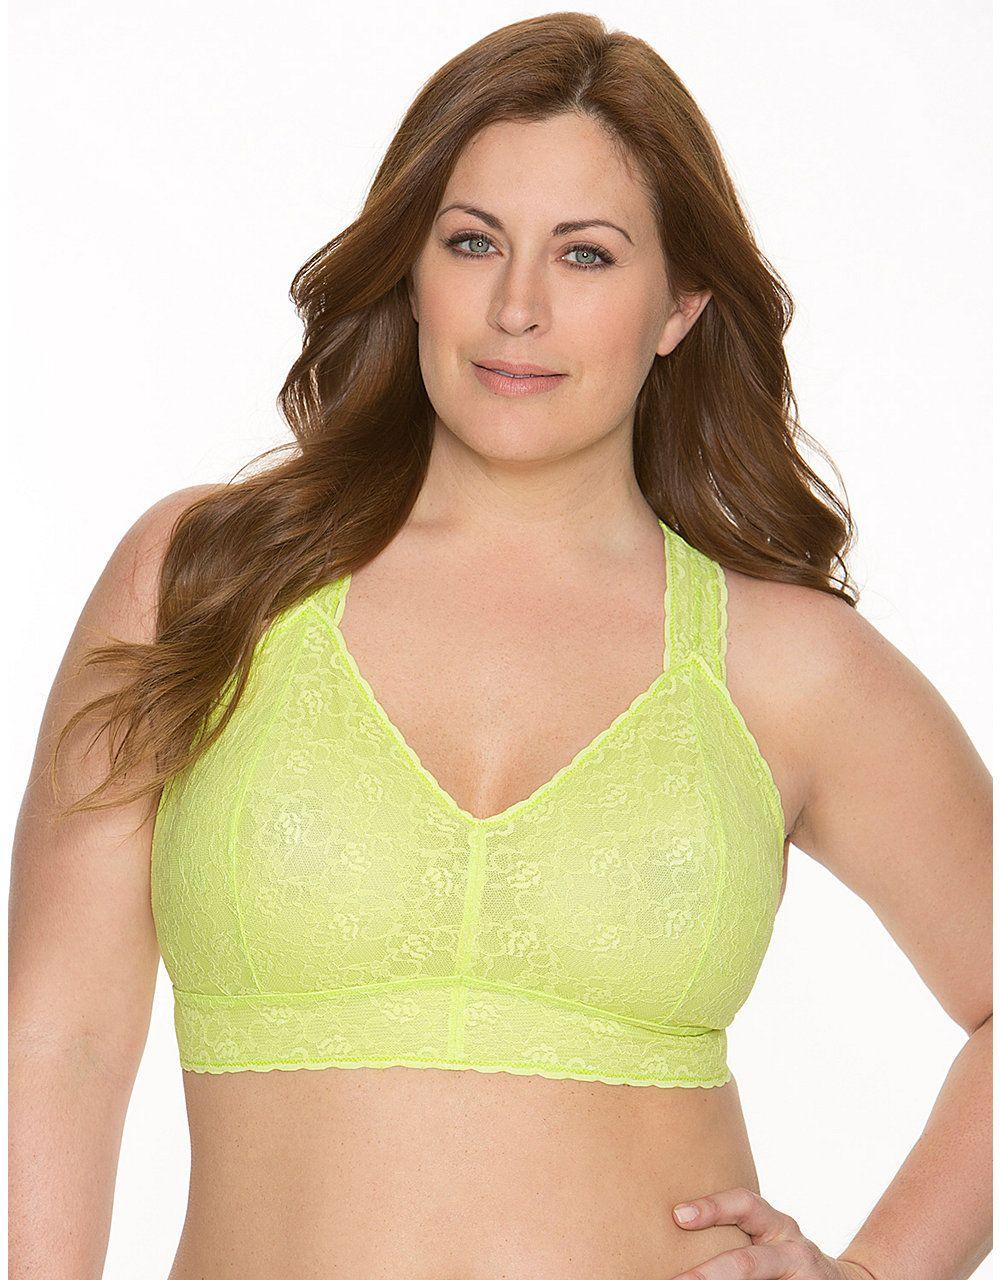 06b9c47b45 Plus Size Lace Cami Bralette by Cacique